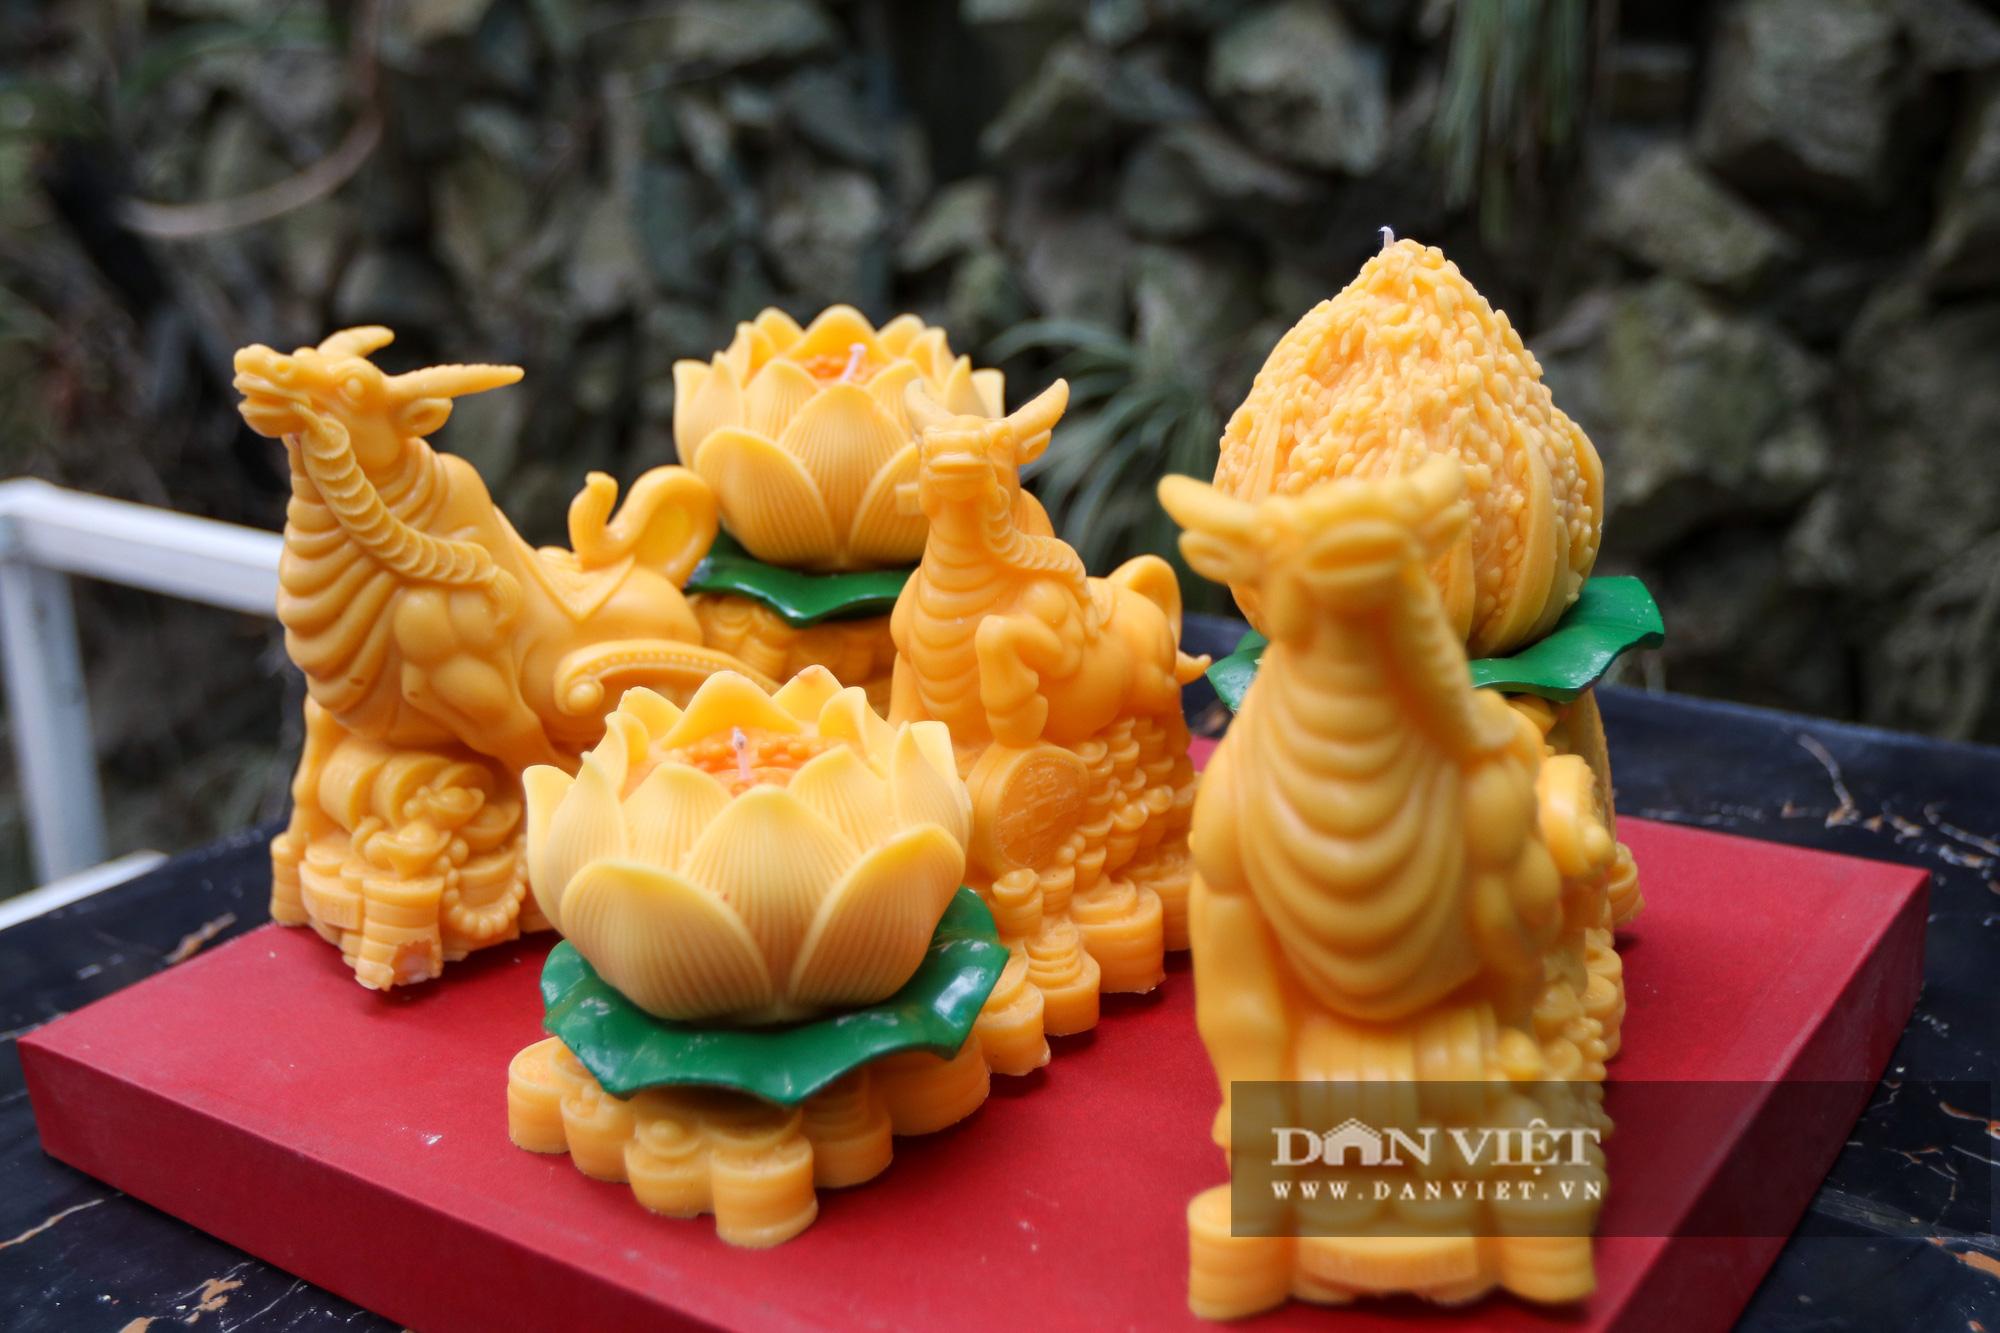 Độc đáo nến trâu vàng hút người mua chơi Tết Tân Sửu - Ảnh 2.